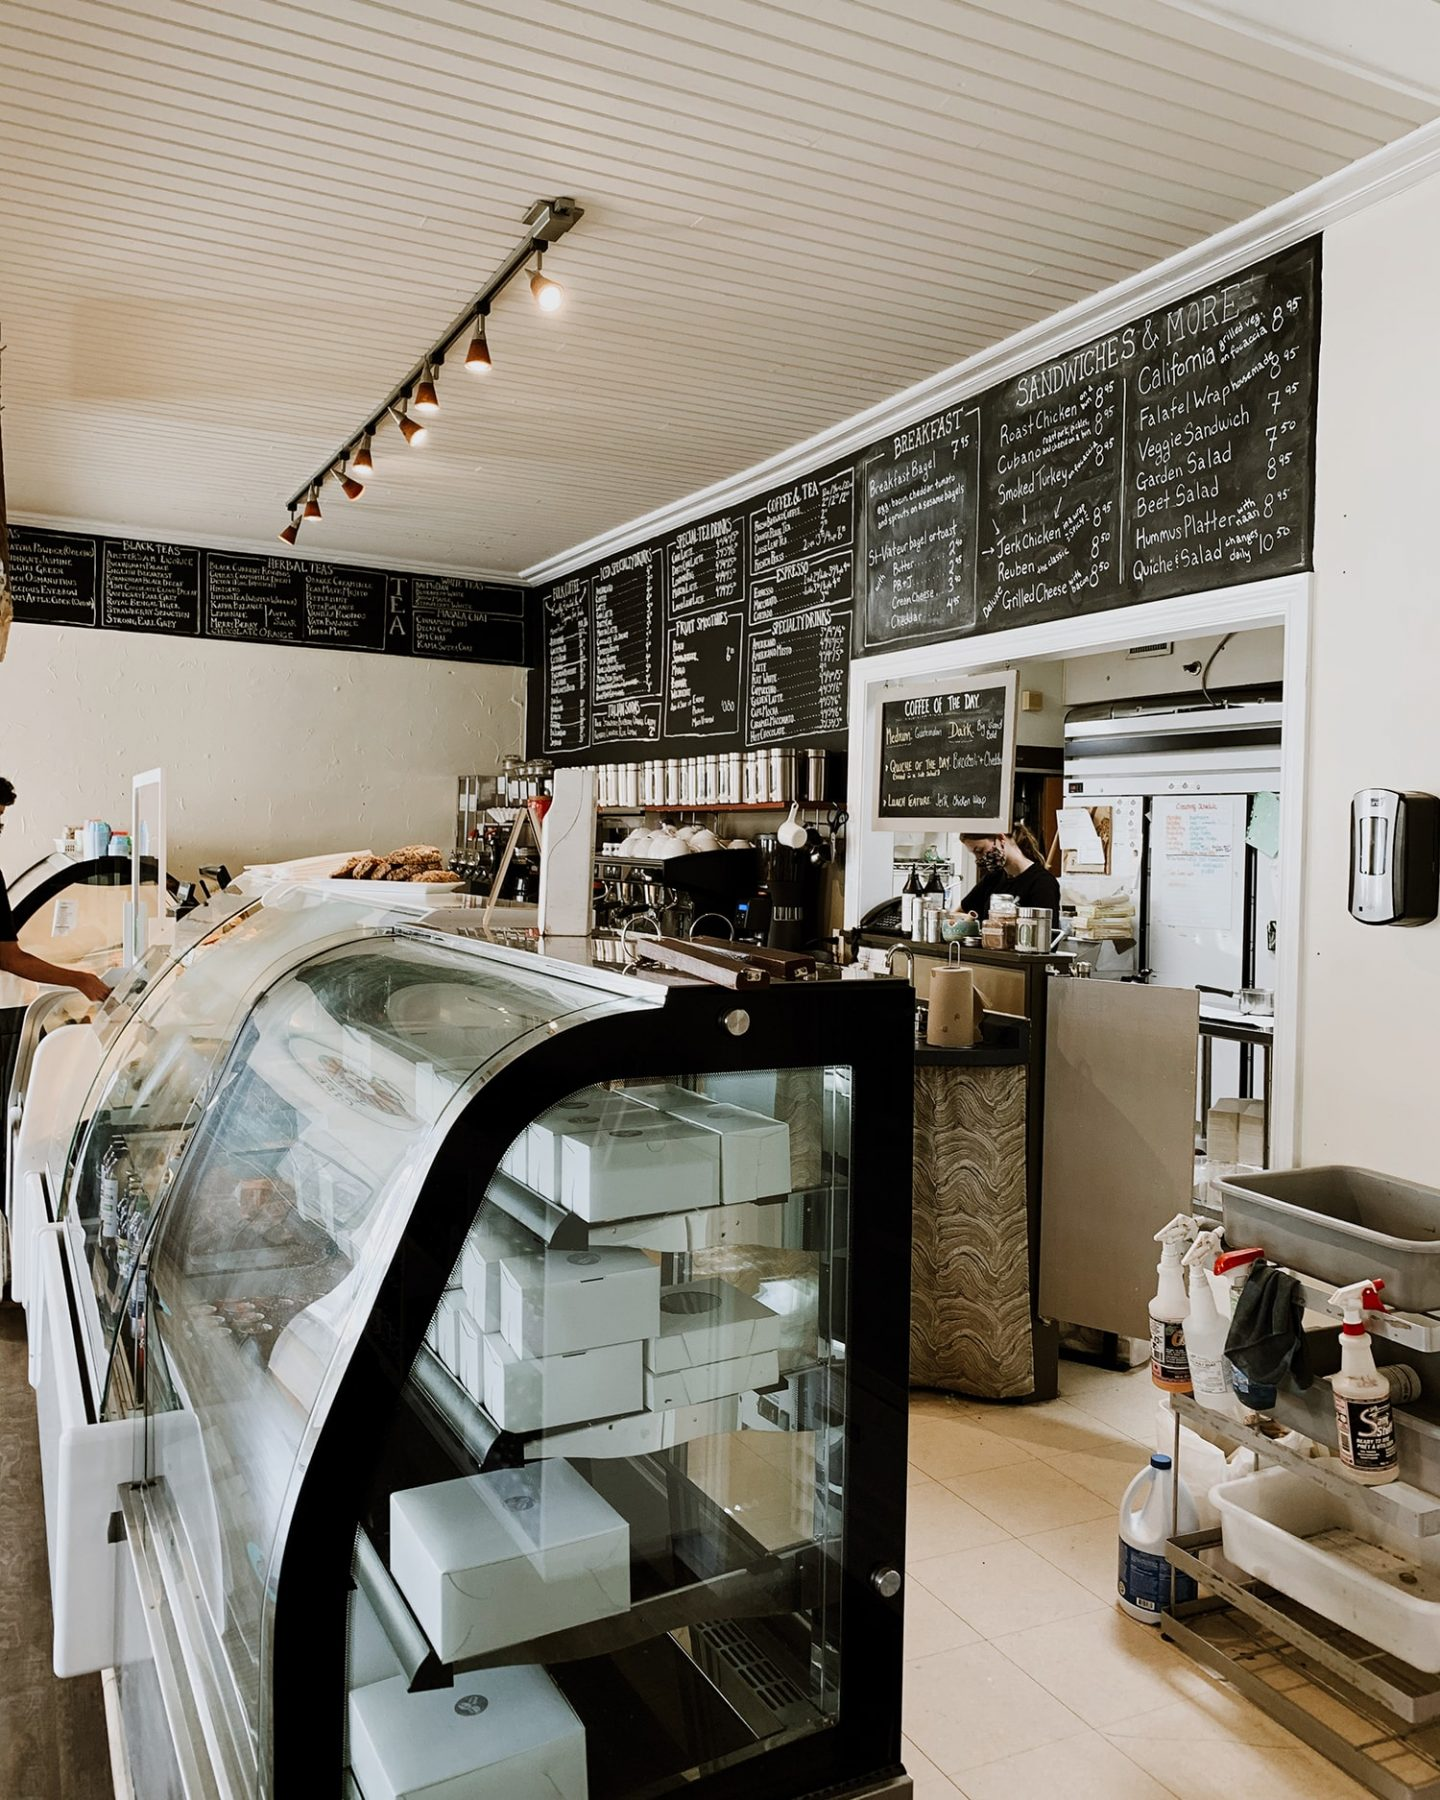 The Bean Counter Café in Picton, Prince Edward County